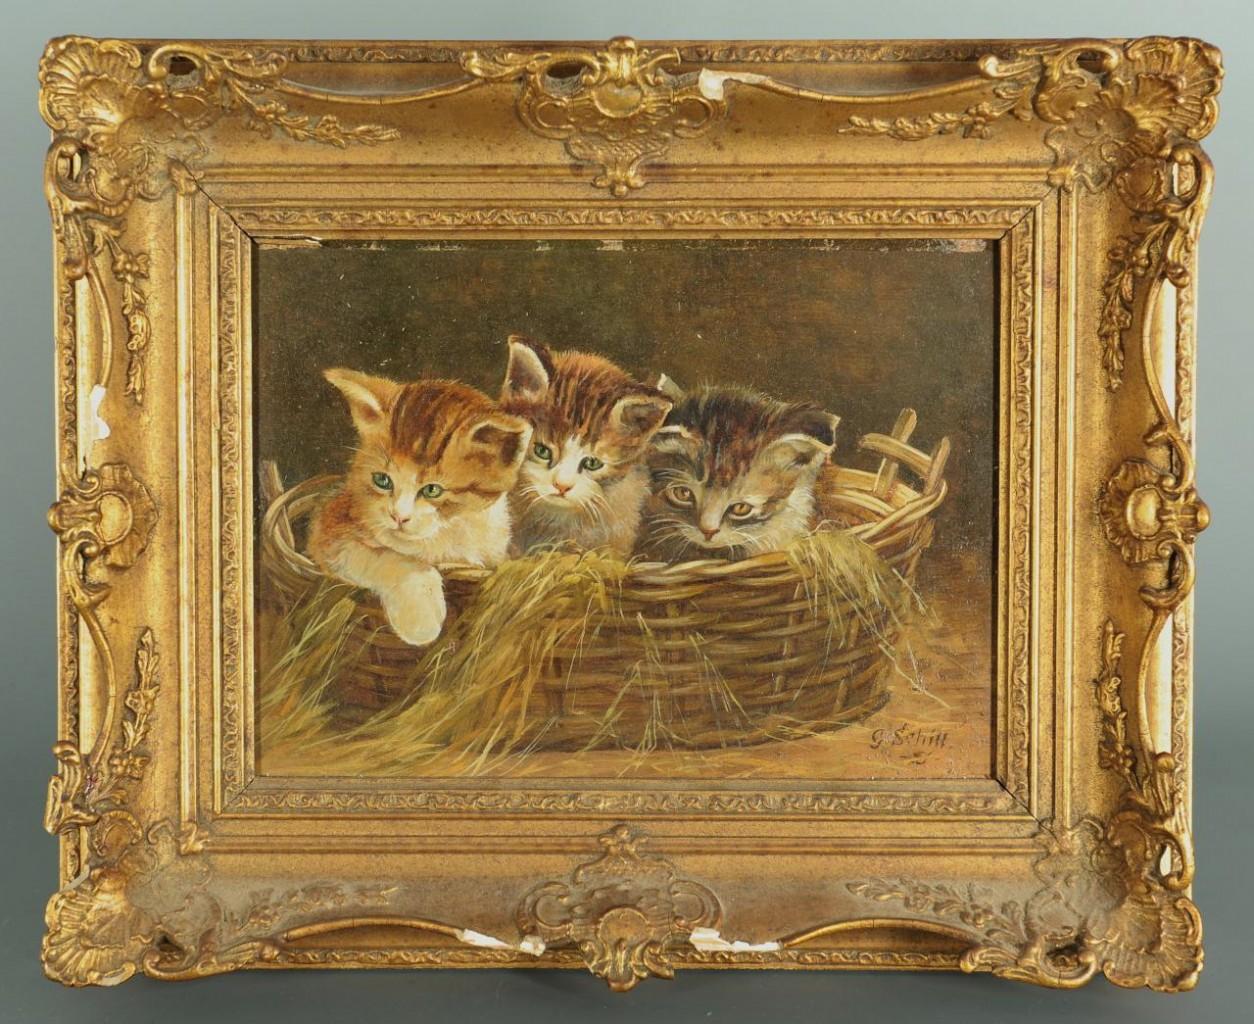 Lot 202: George Schill Oil on Board of Kittens